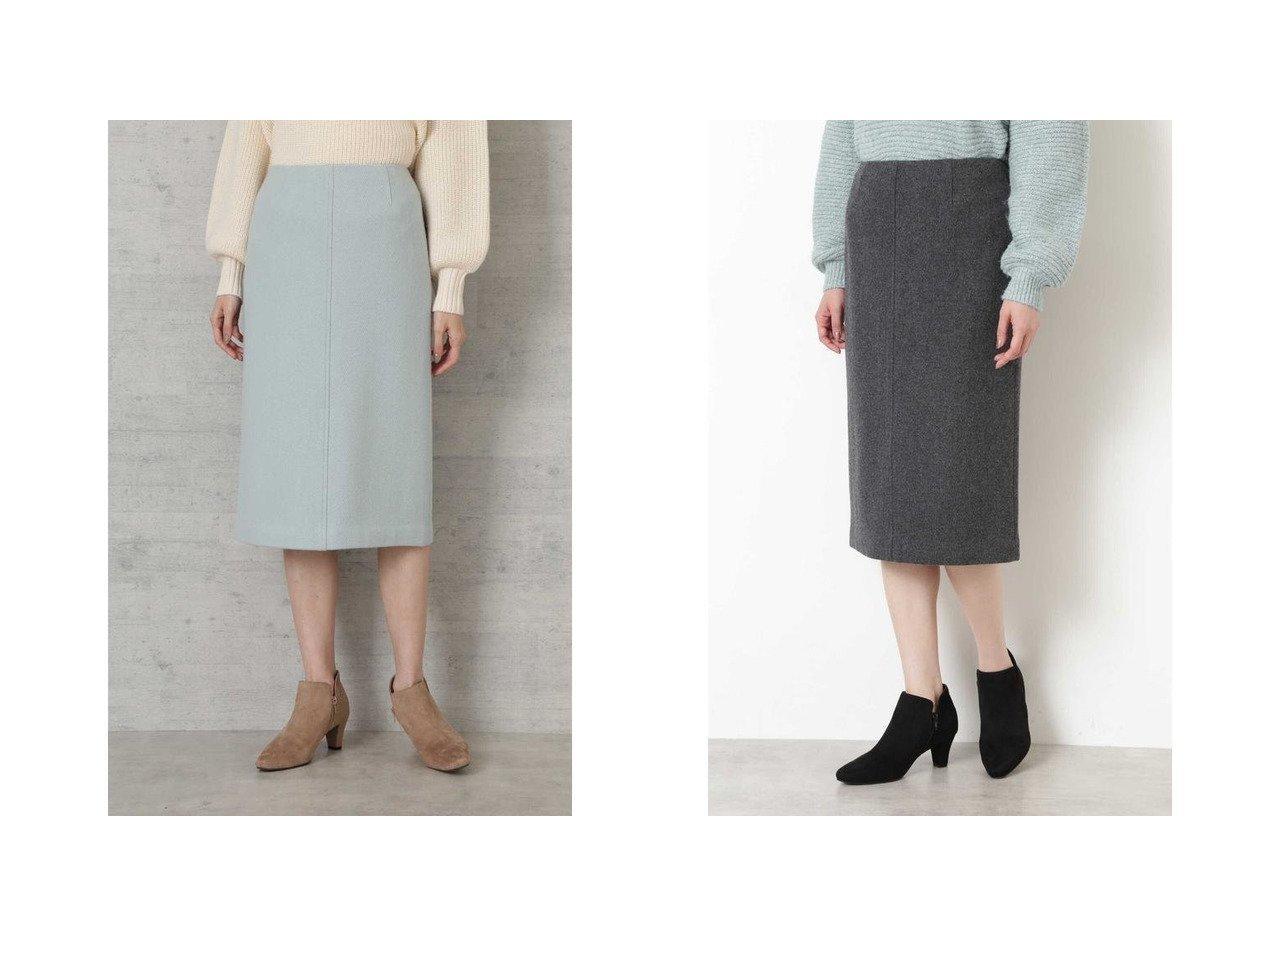 【NATURAL BEAUTY BASIC/ナチュラル ビューティー ベーシック】のウールカルゼミルドスカート スカートのおすすめ!人気トレンド・レディースファッションの通販 おすすめで人気のファッション通販商品 インテリア・家具・キッズファッション・メンズファッション・レディースファッション・服の通販 founy(ファニー) https://founy.com/ ファッション Fashion レディース WOMEN スカート Skirt シンプル ストレート スリット |ID:crp329100000006573